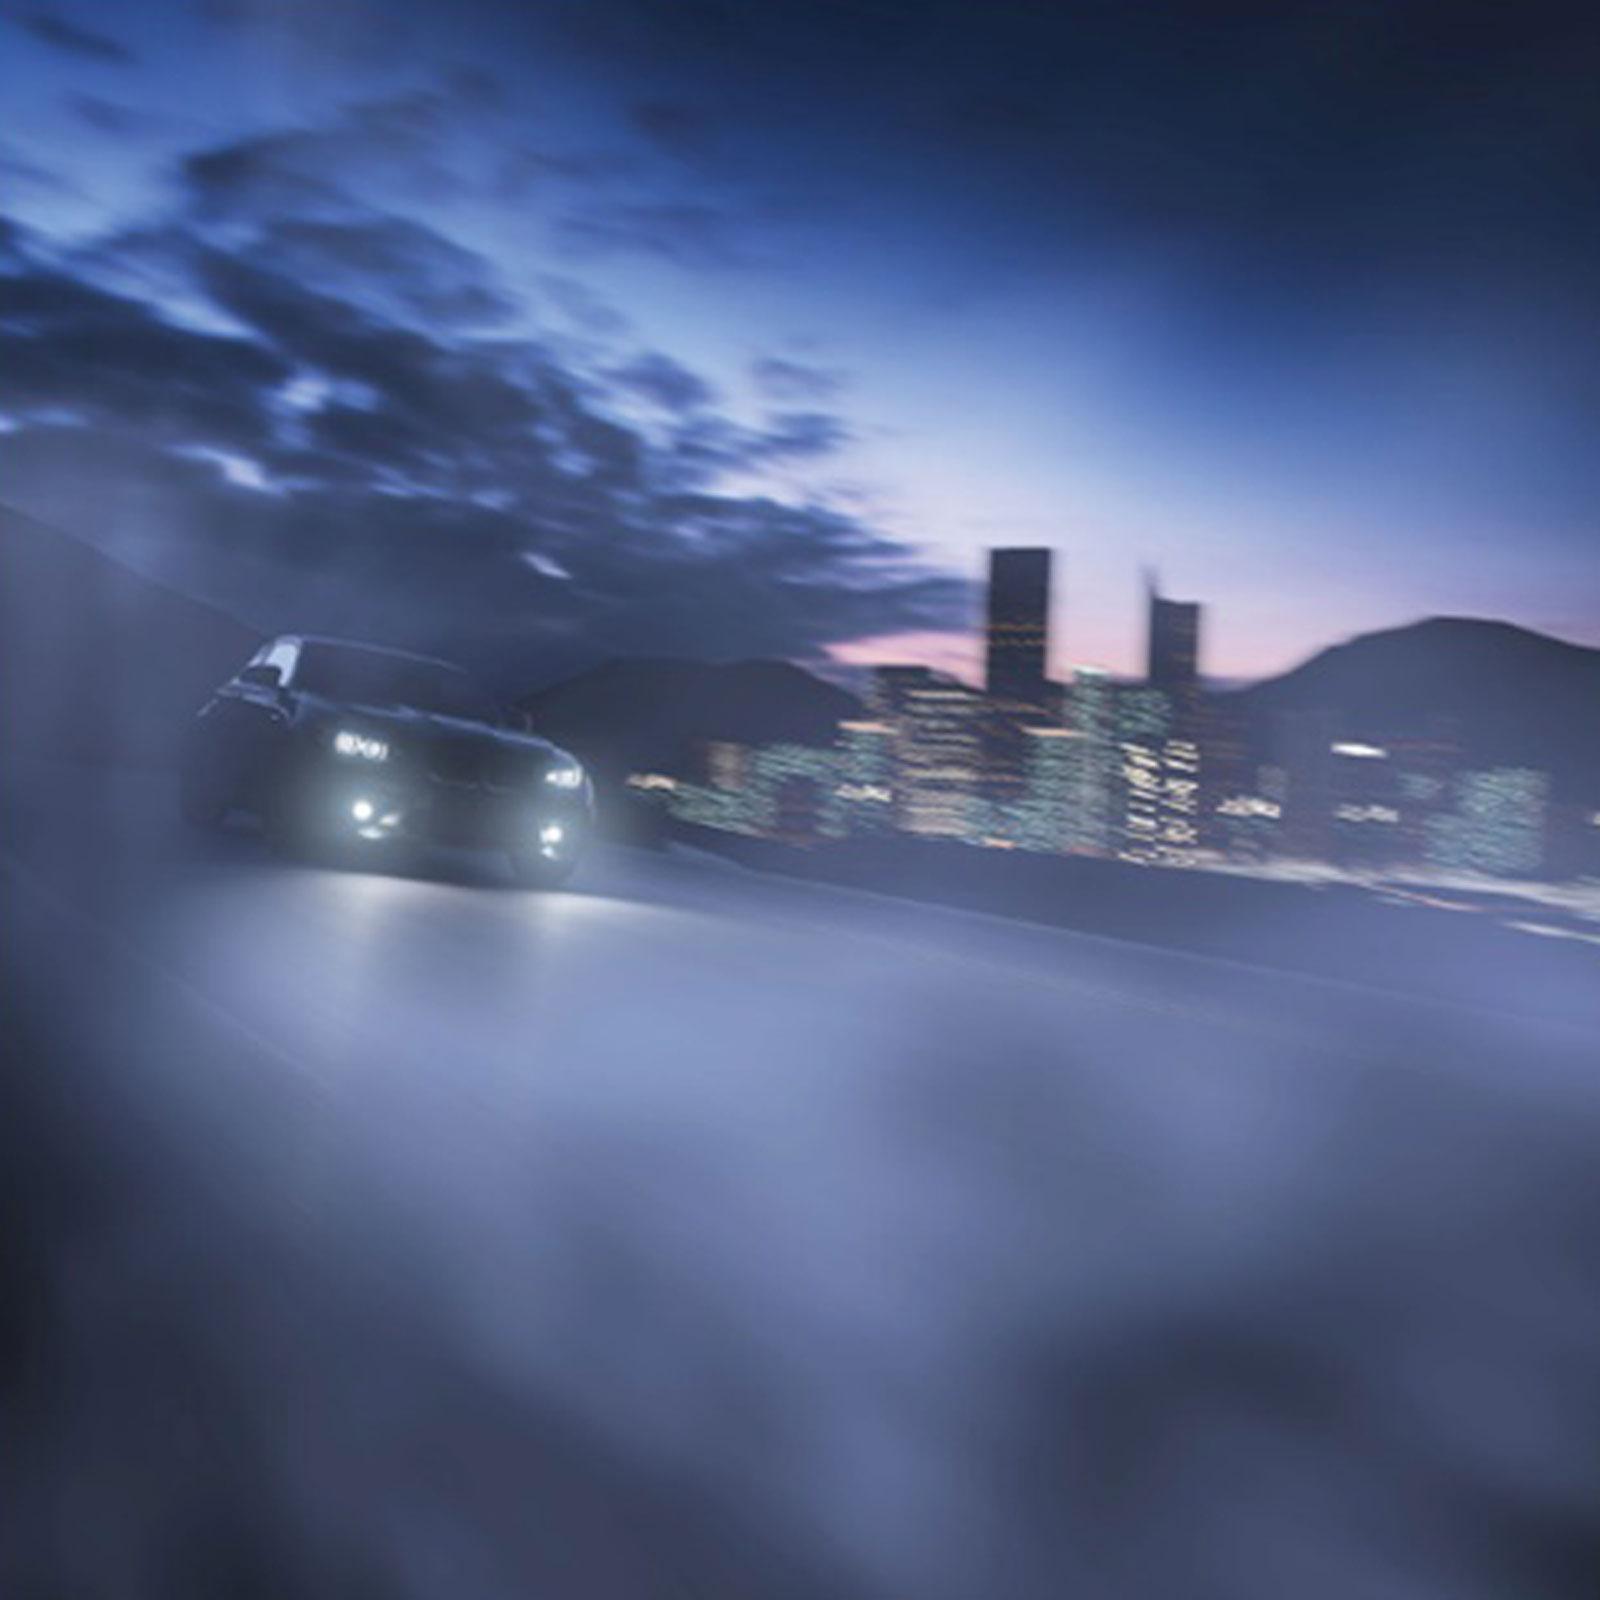 fog-light-bulb-led.jpg